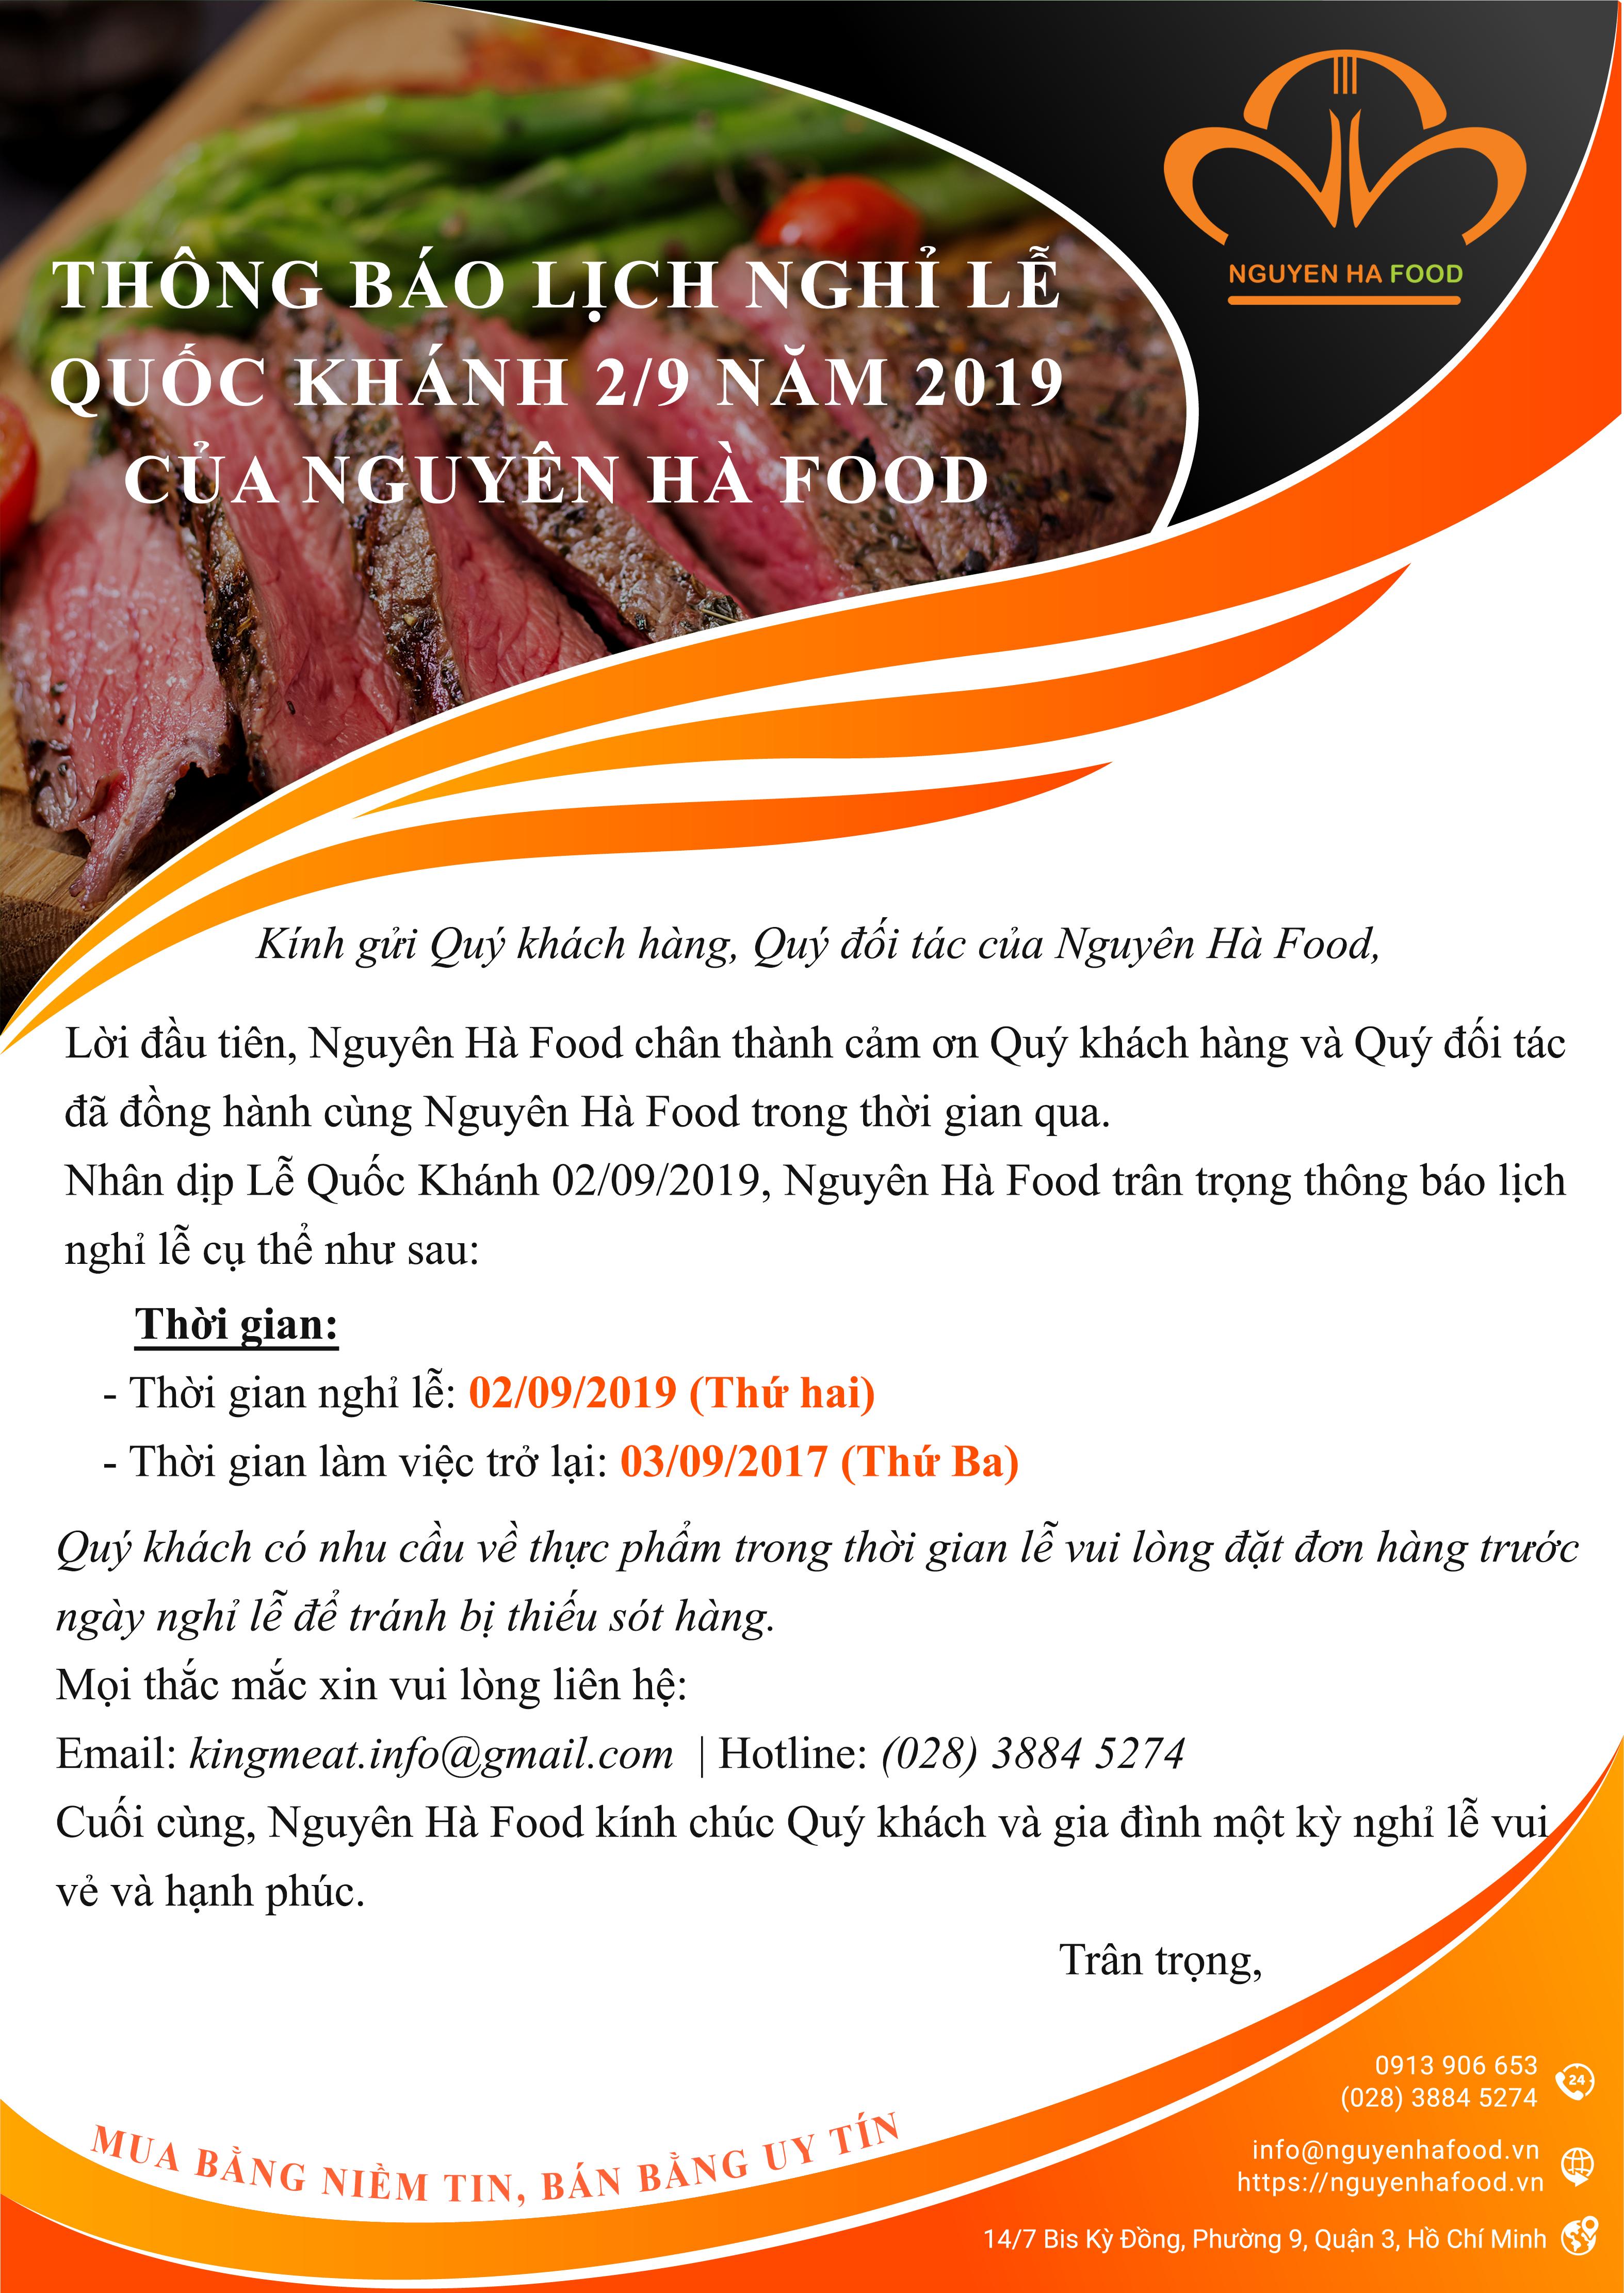 nguyen-ha-food-thong-bao-nghi-le-2-9-2019